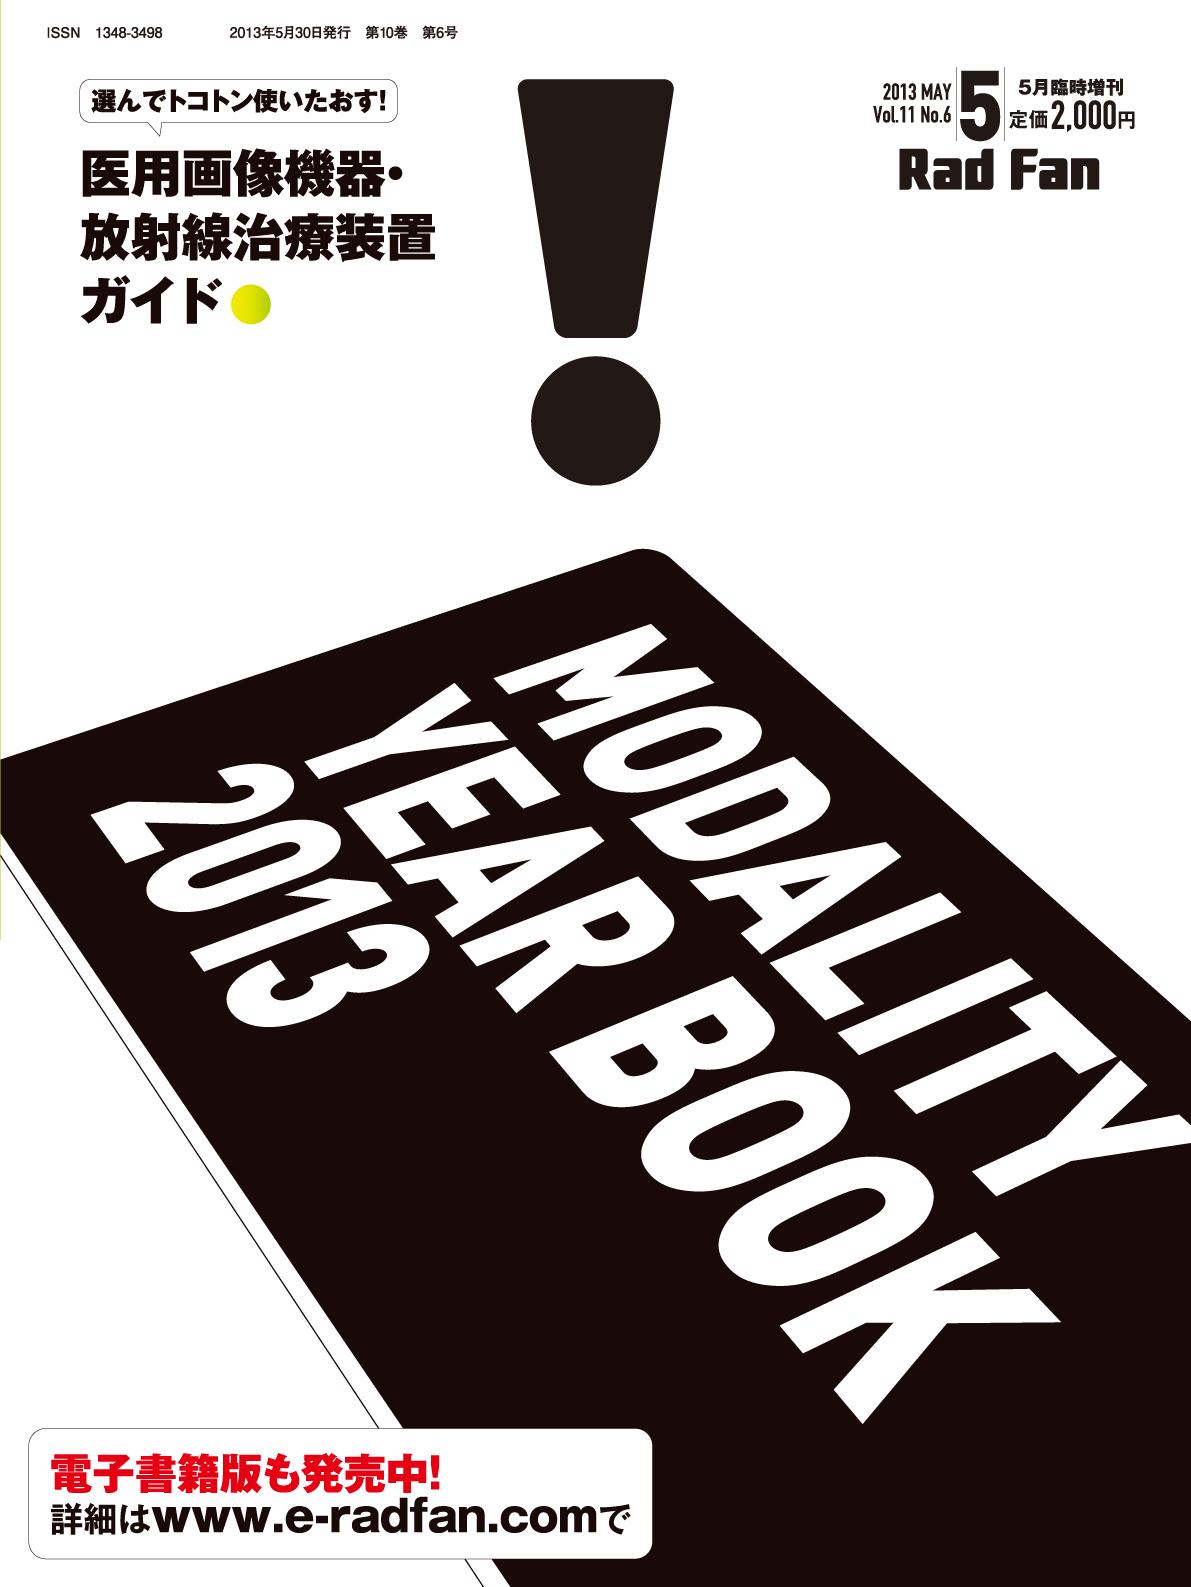 RadFan 2013年5月臨時増刊号